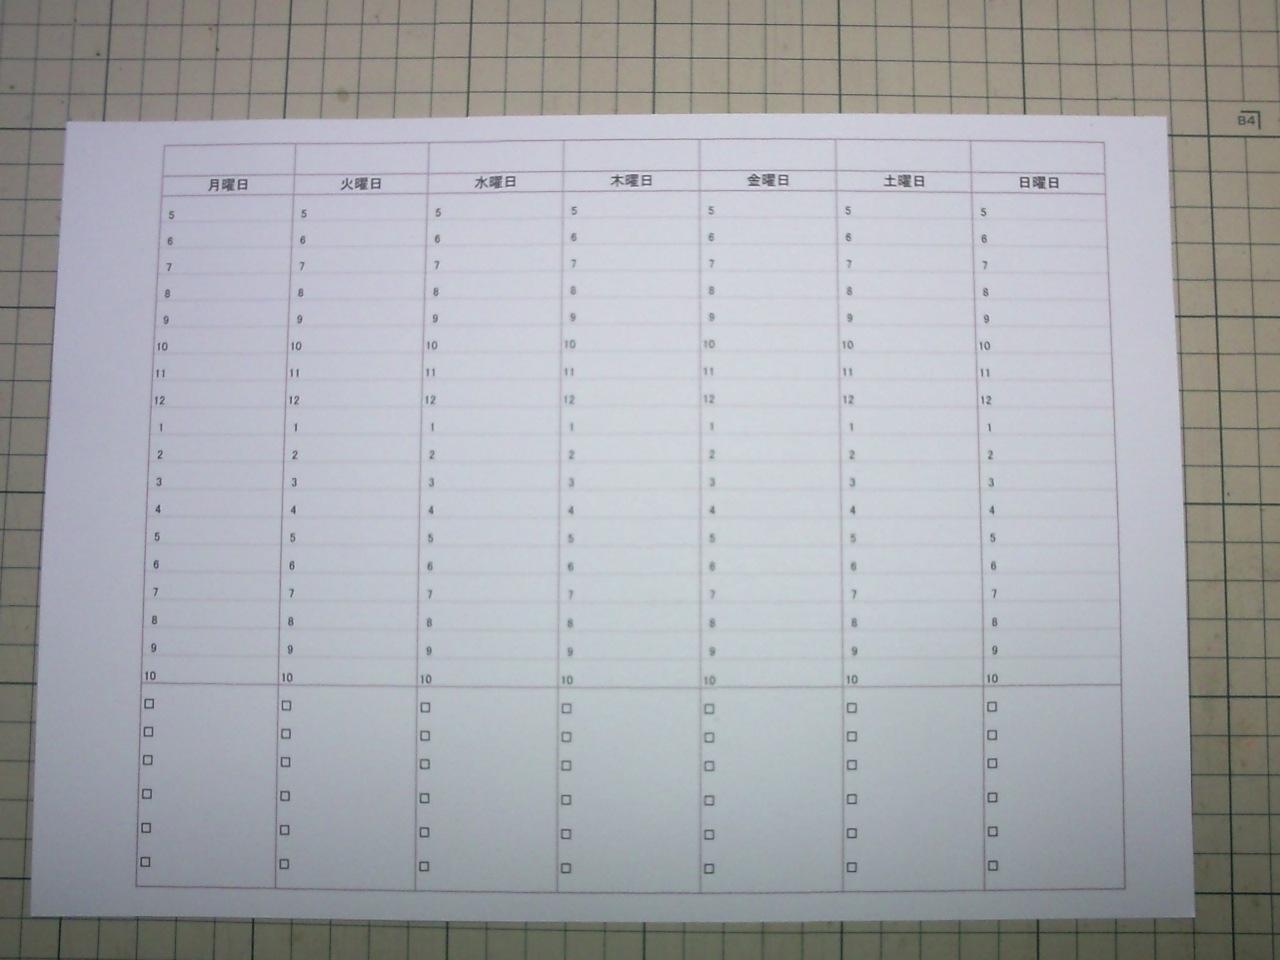 ... の片隅で文房具を語る~ : 手帳 : 手帳 バーチカル ダウンロード : すべての講義